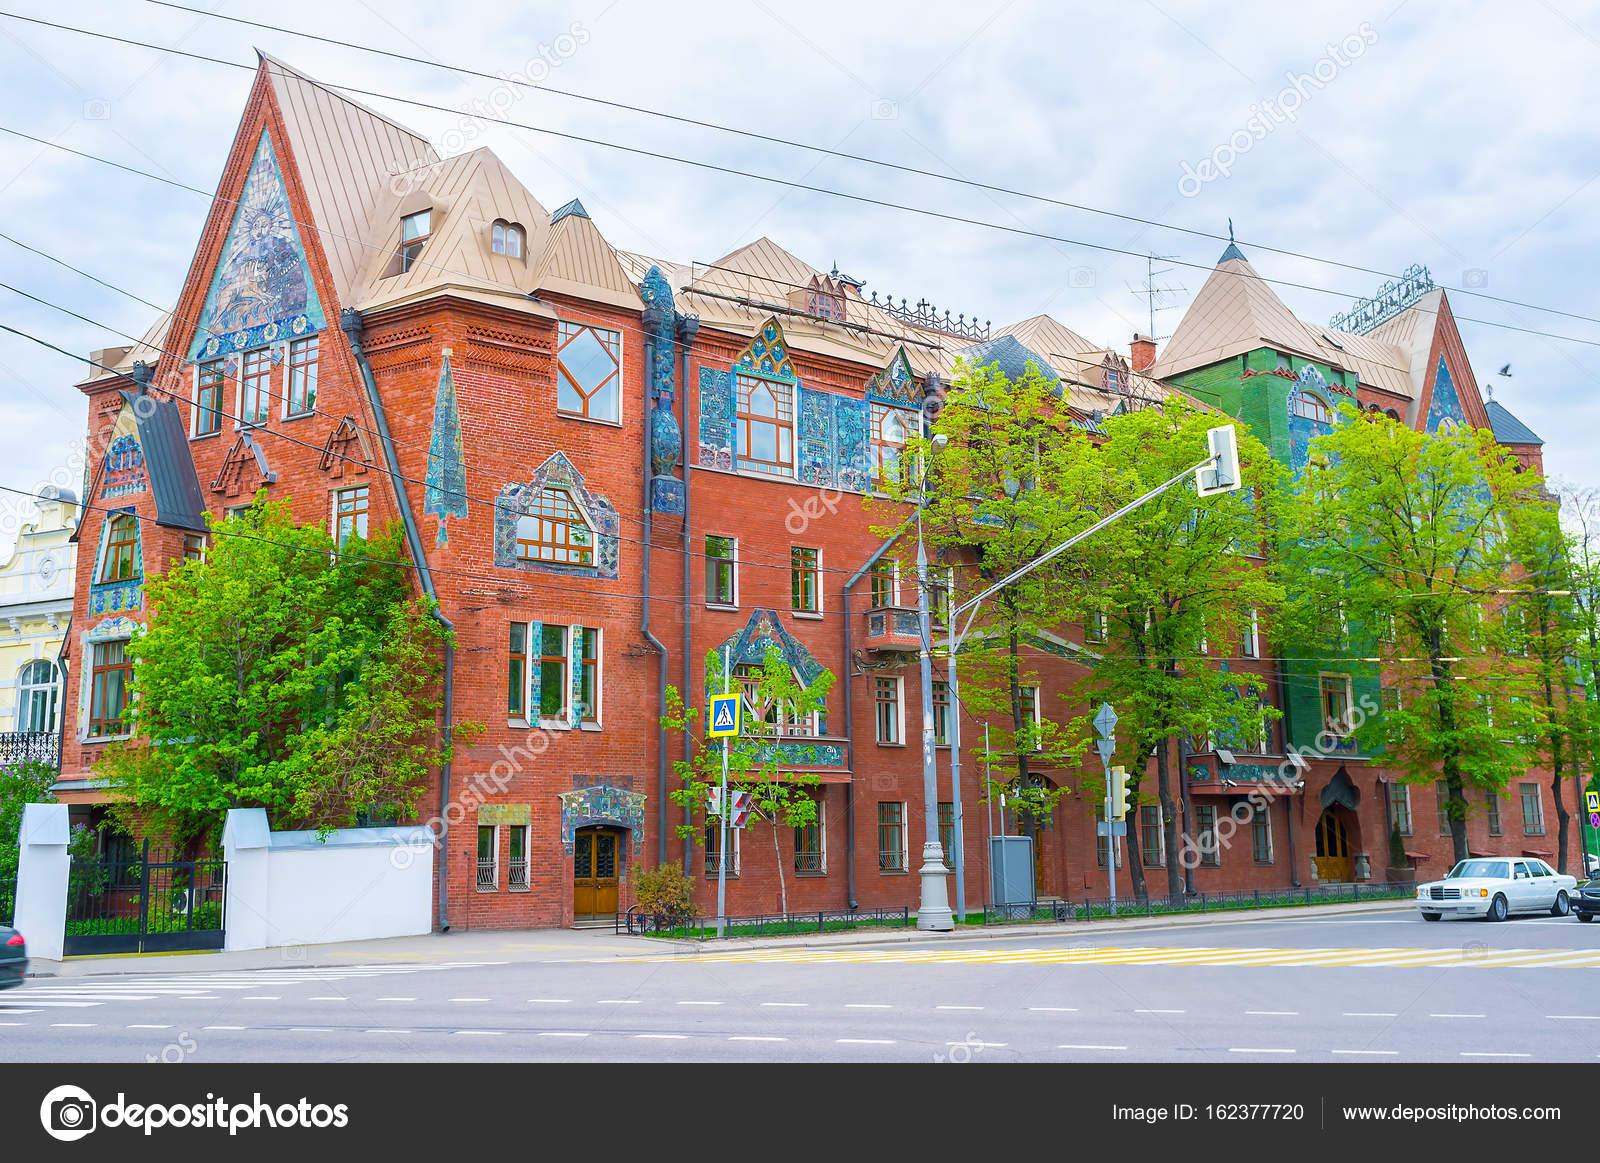 Rijkelijk versierd huis u2014 stockfoto © efesenko #162377720